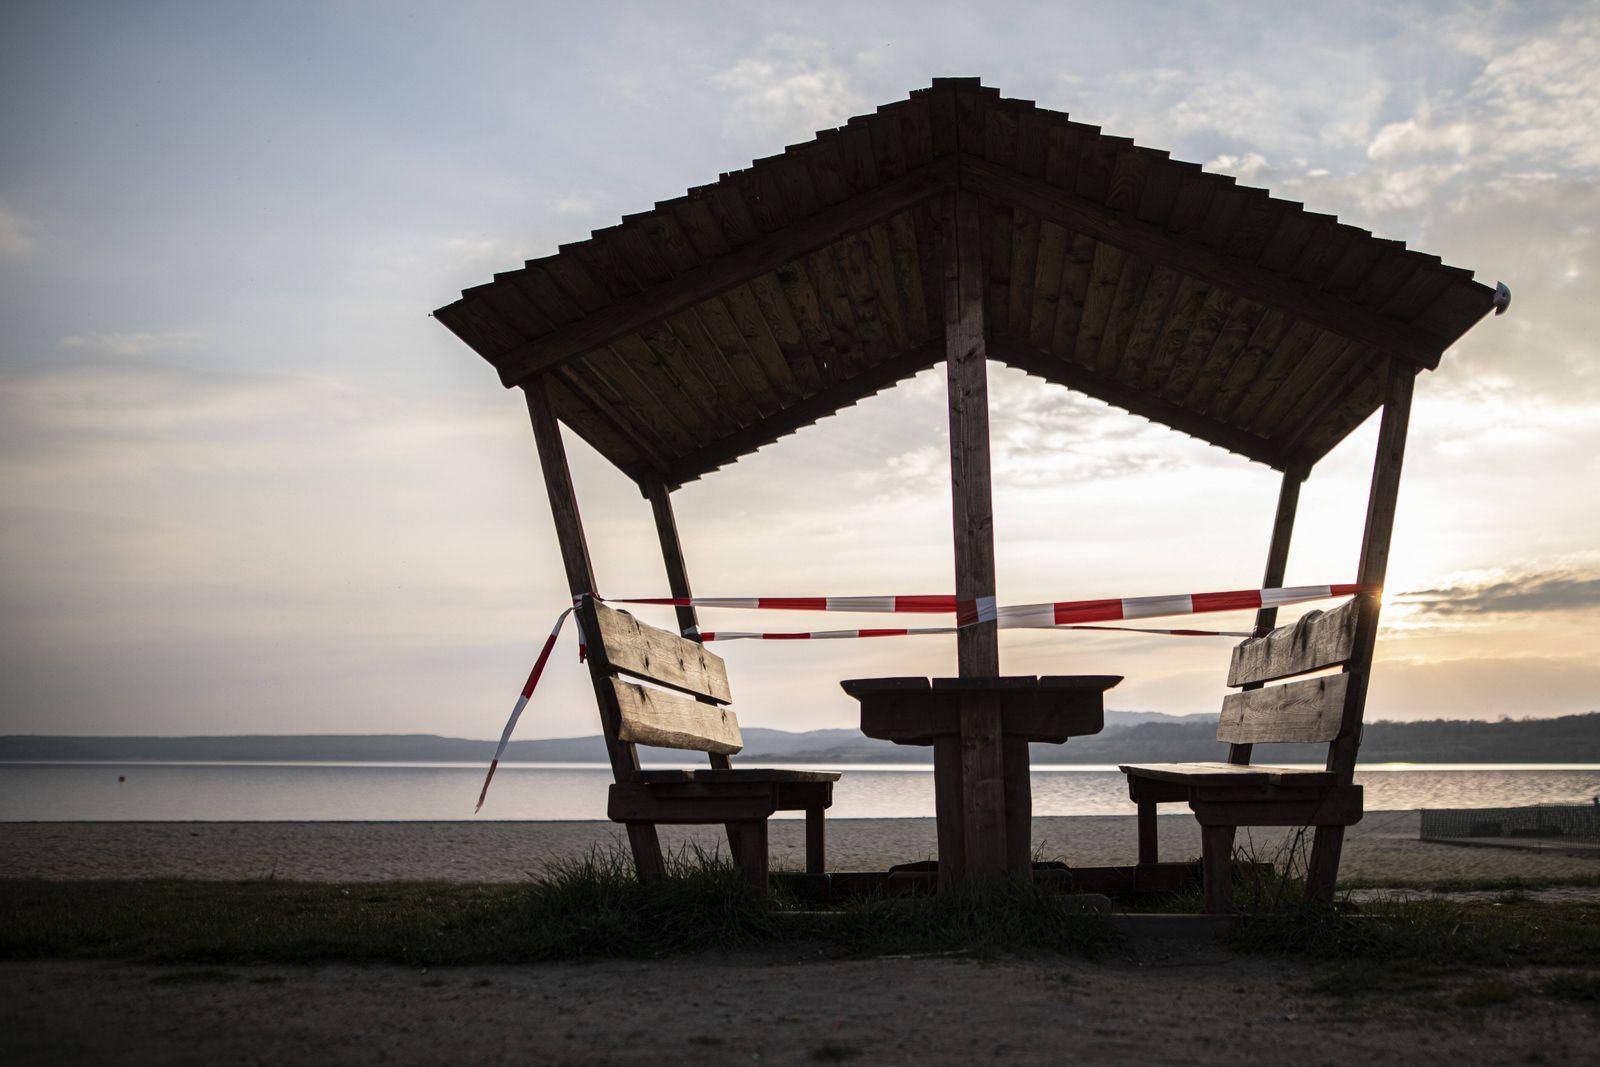 News Themen der Woche KW13 Eine ueberdachte Sitzgruppe ist abgesperrt am Strand vom Berzdorfer See in Goerlitz, 04.04.20